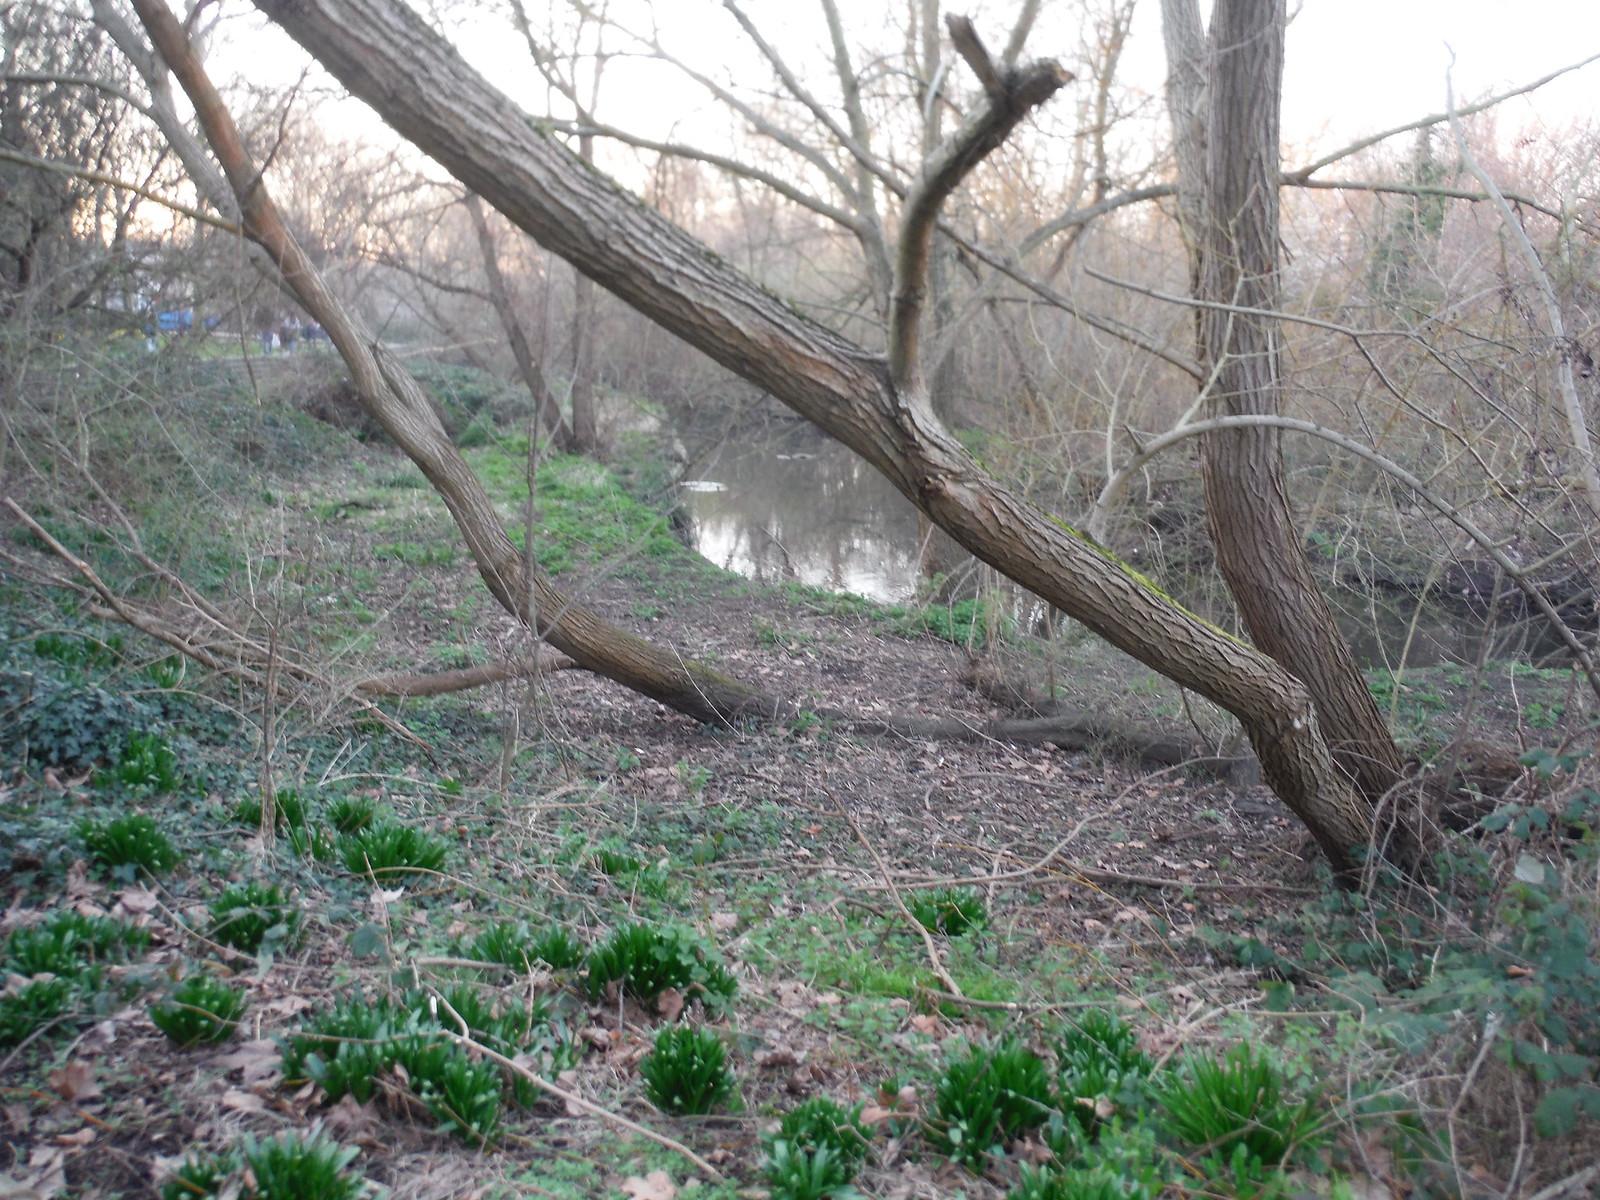 Ravensbourne in Brookmill Park SWC Short Walk 36 - Waterlink Way (Lower Sydenham to Greenwich)